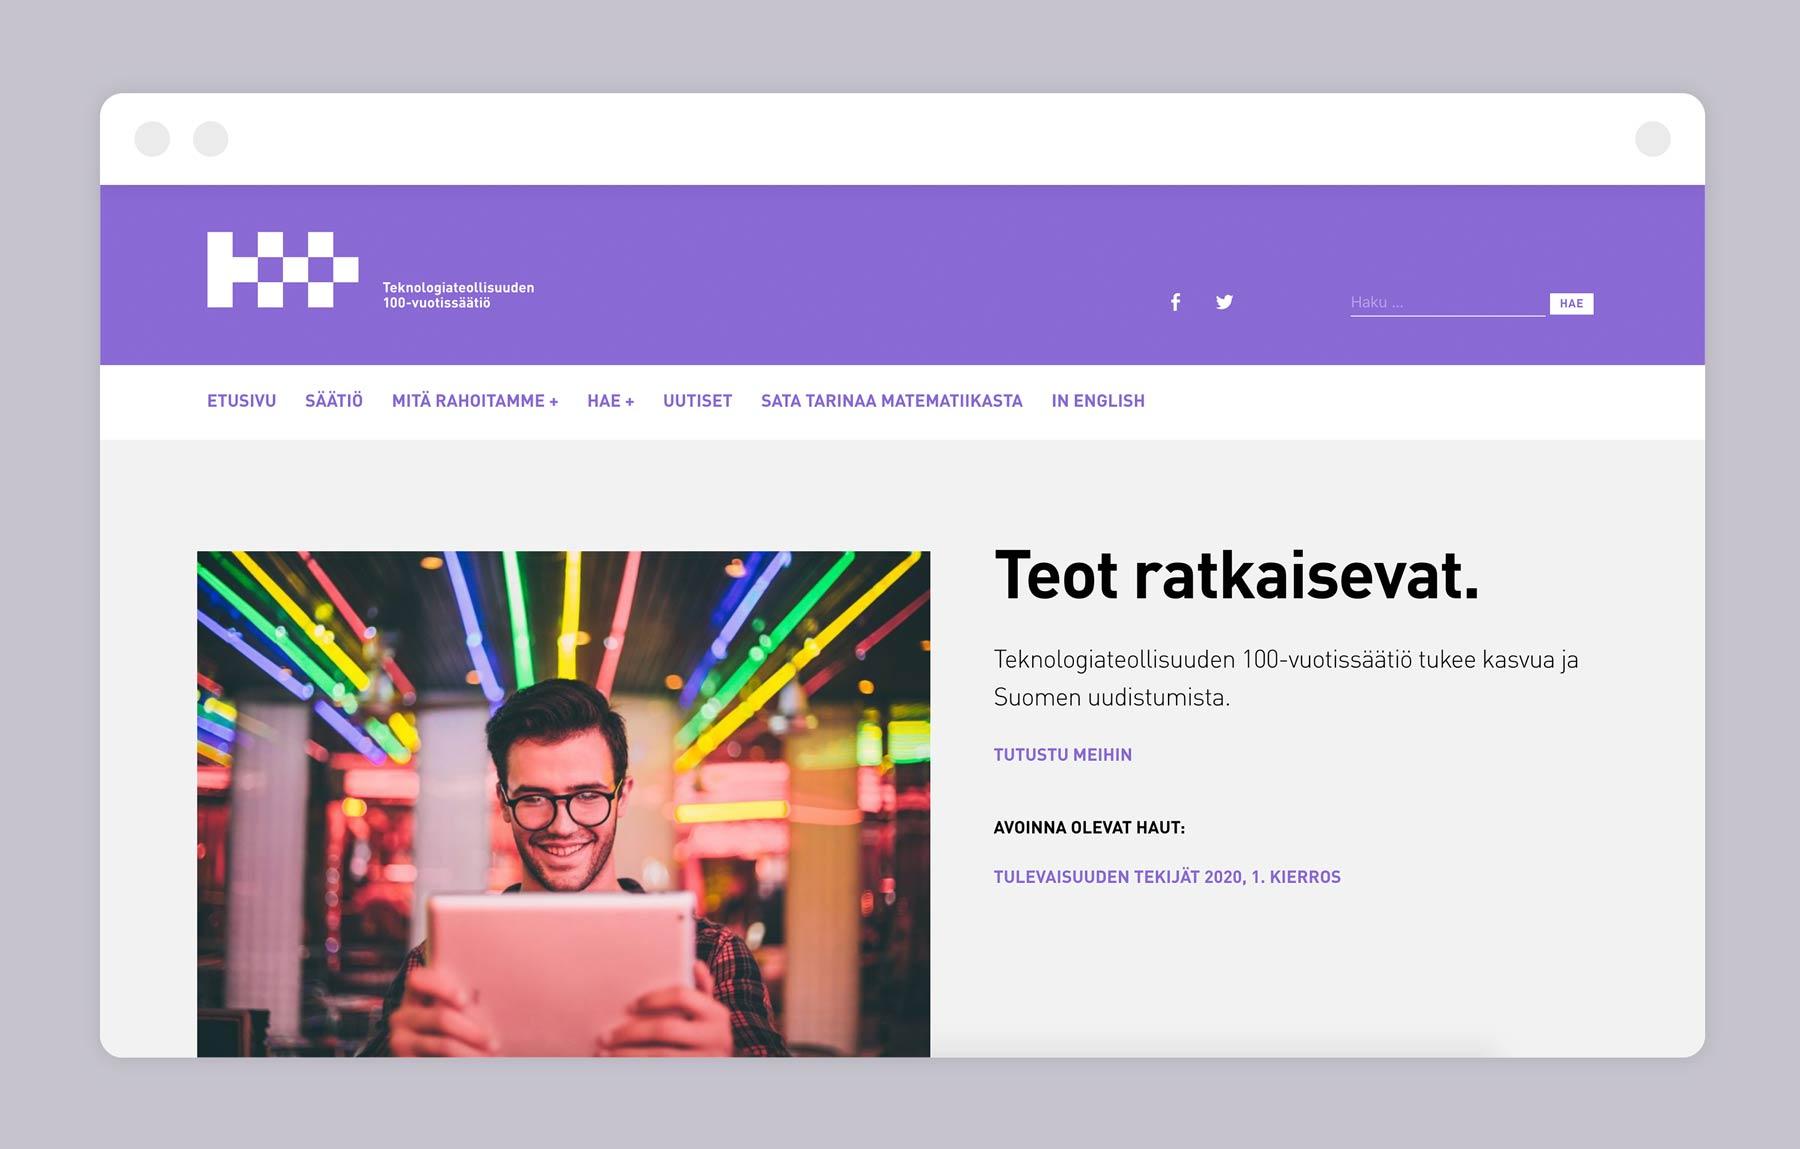 Teknologiateollisuuden 100-vuotissäätiö website, design by Kilda